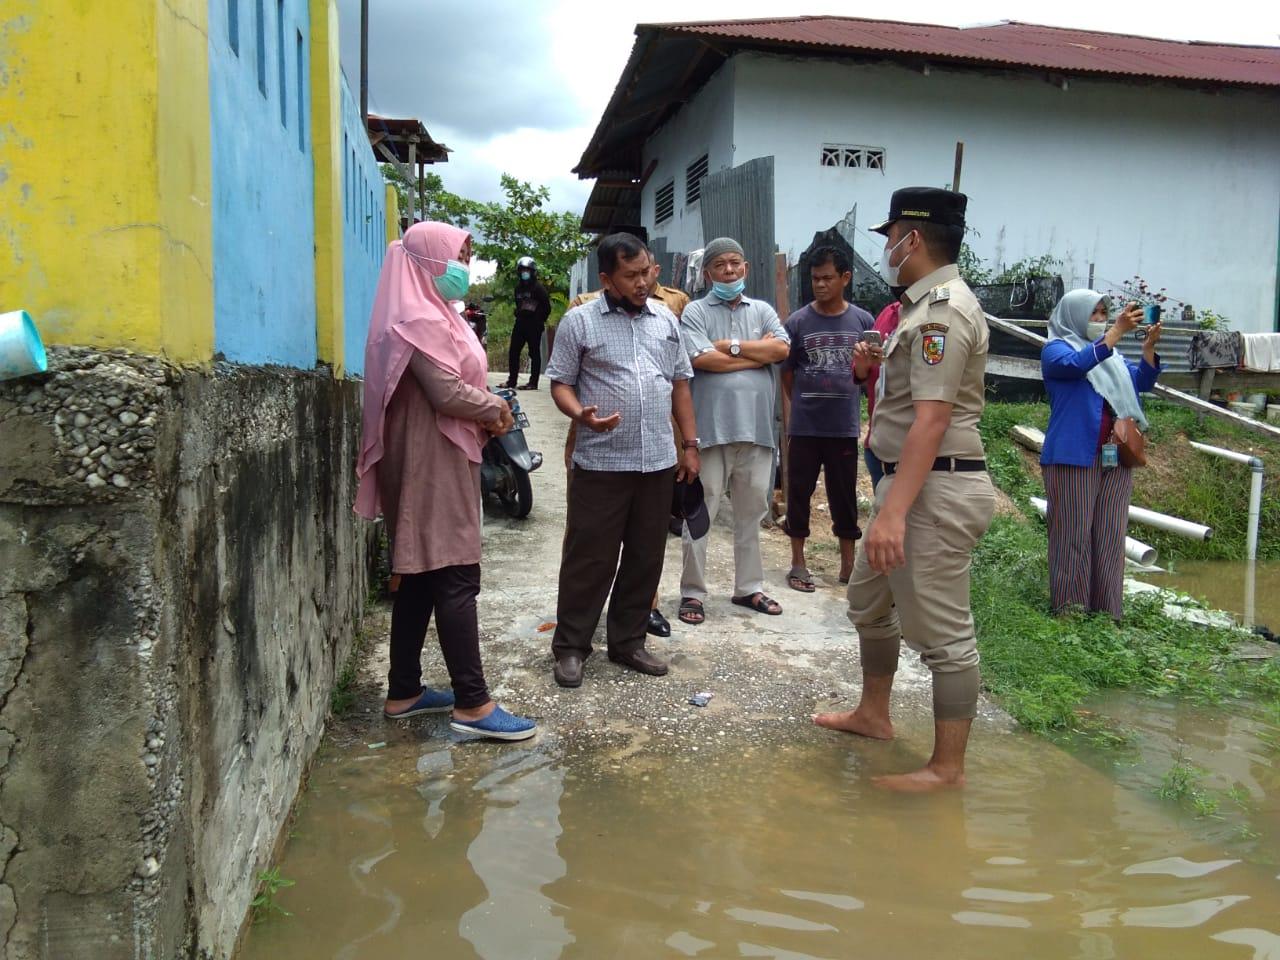 Tinjau Kondisi Warga, Camat Bukit Raya Turun Langsung ke Sejumlah Titik Banjir